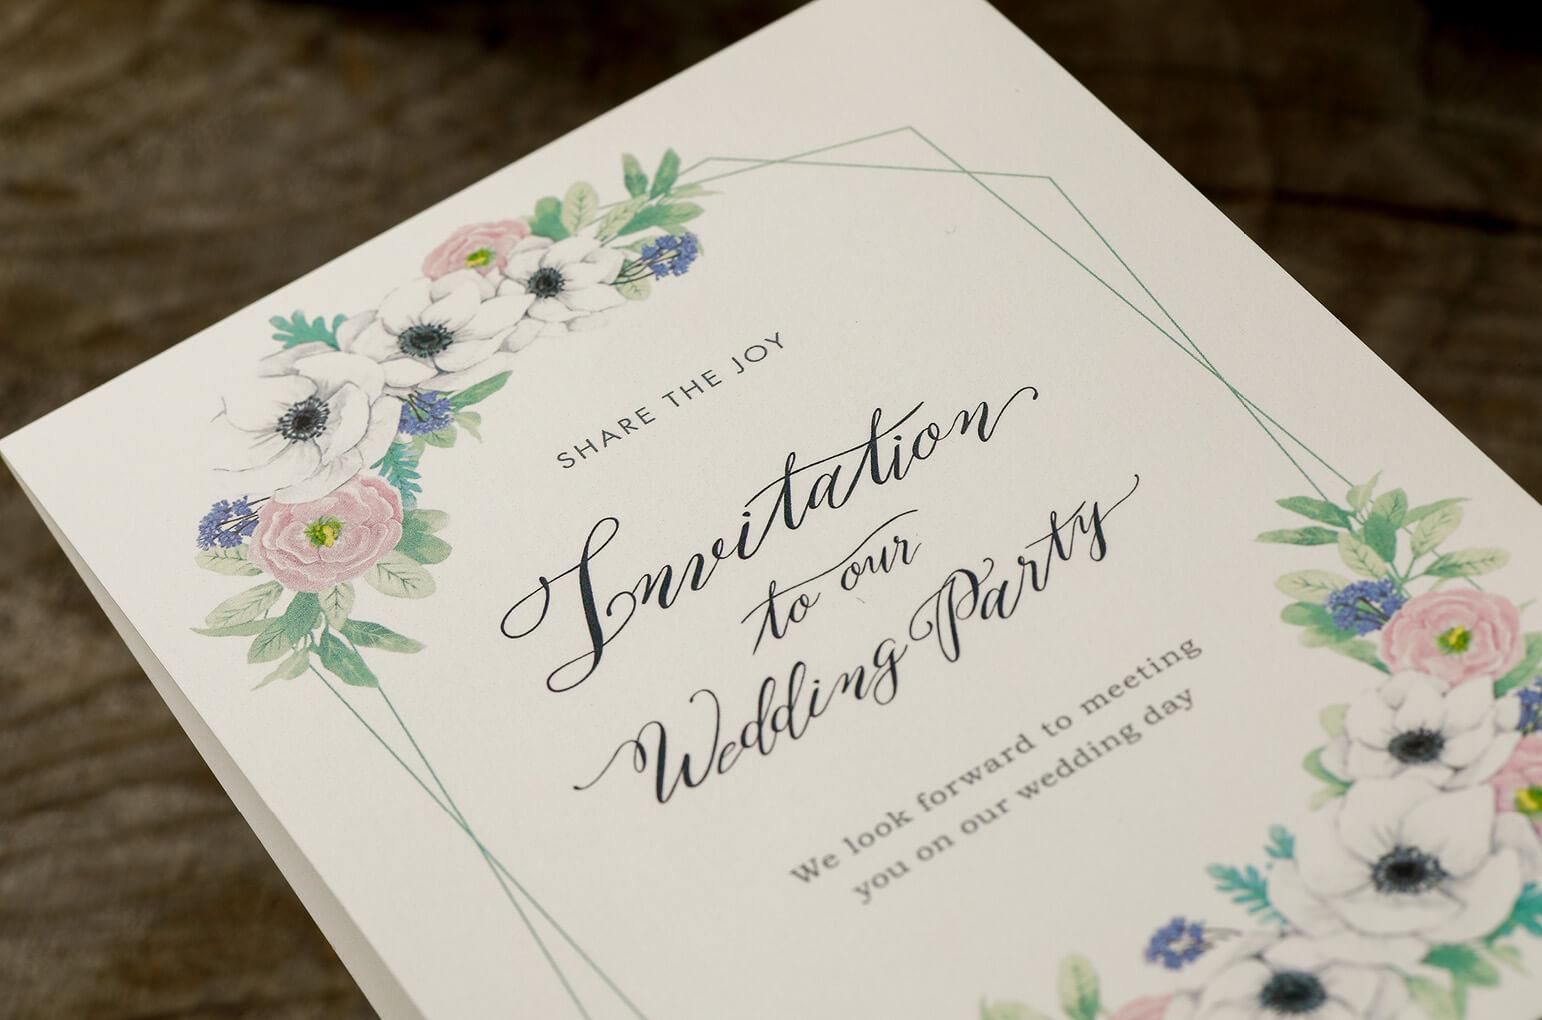 9f8ac21d256de 期間限定☆フラワーフレーム席次表50円キャンペーン♪- 結婚式招待状のbless